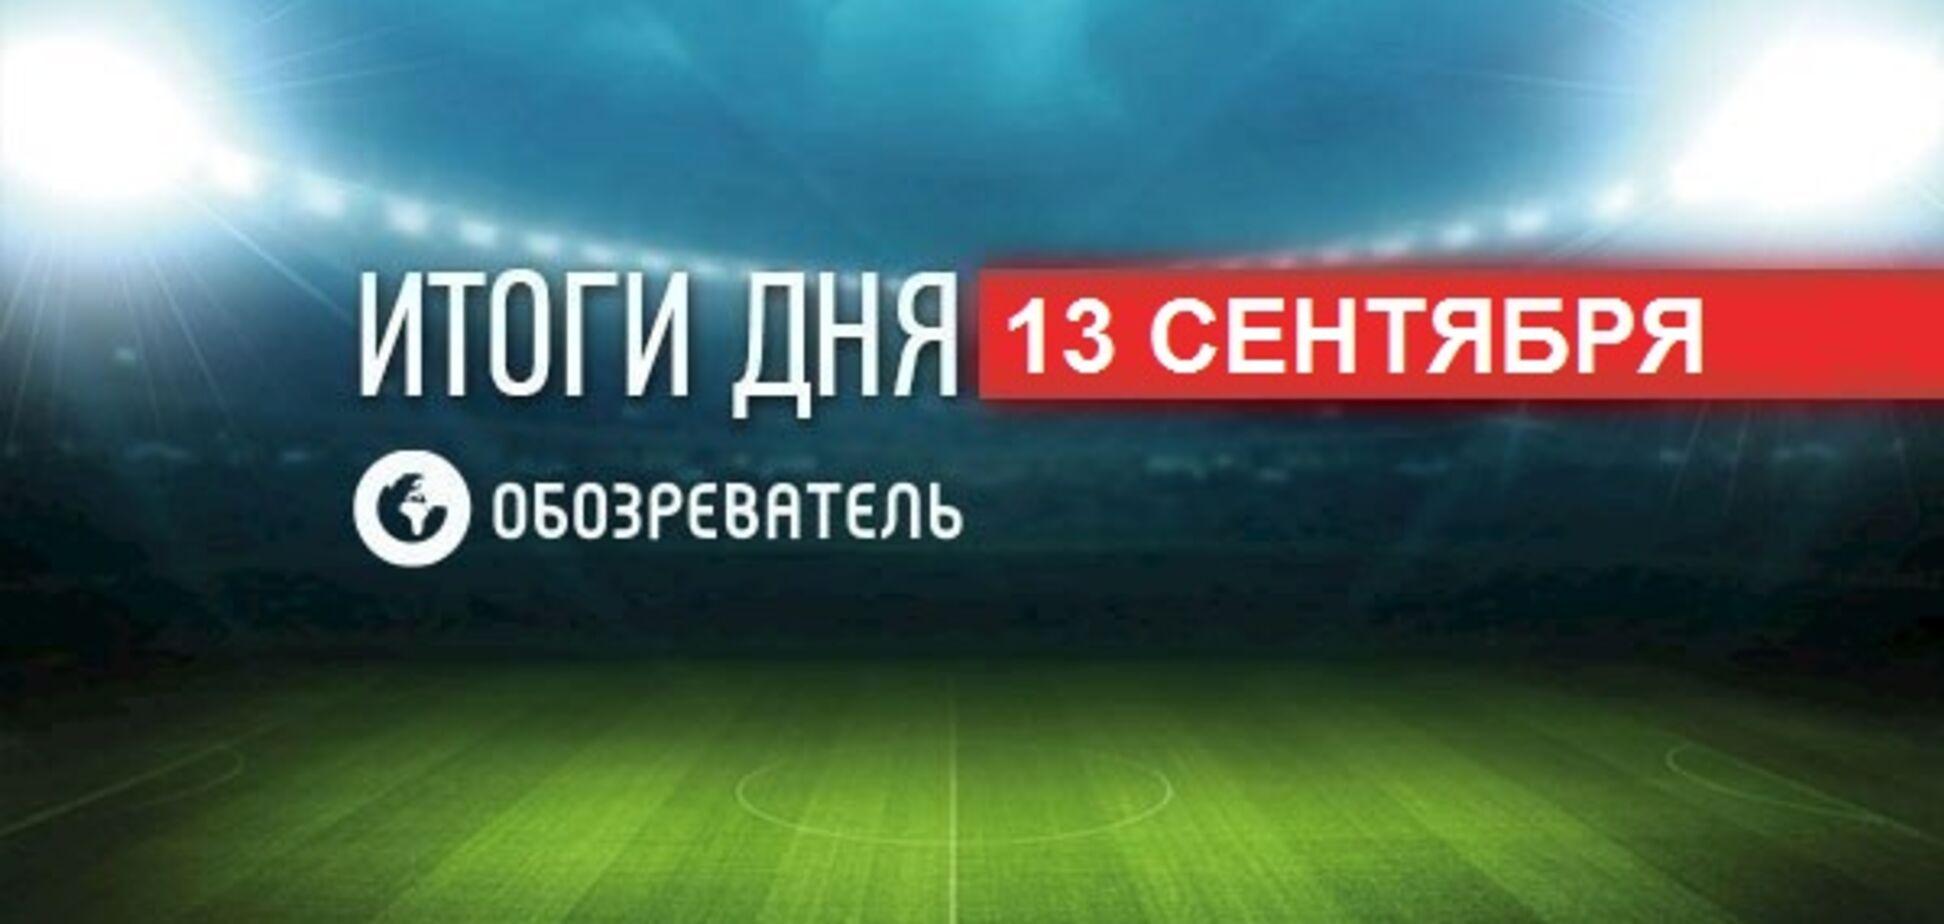 У мережі обурилися італійськими ЗМІ, які принизили Україну: спортивні підсумки 13 вересня